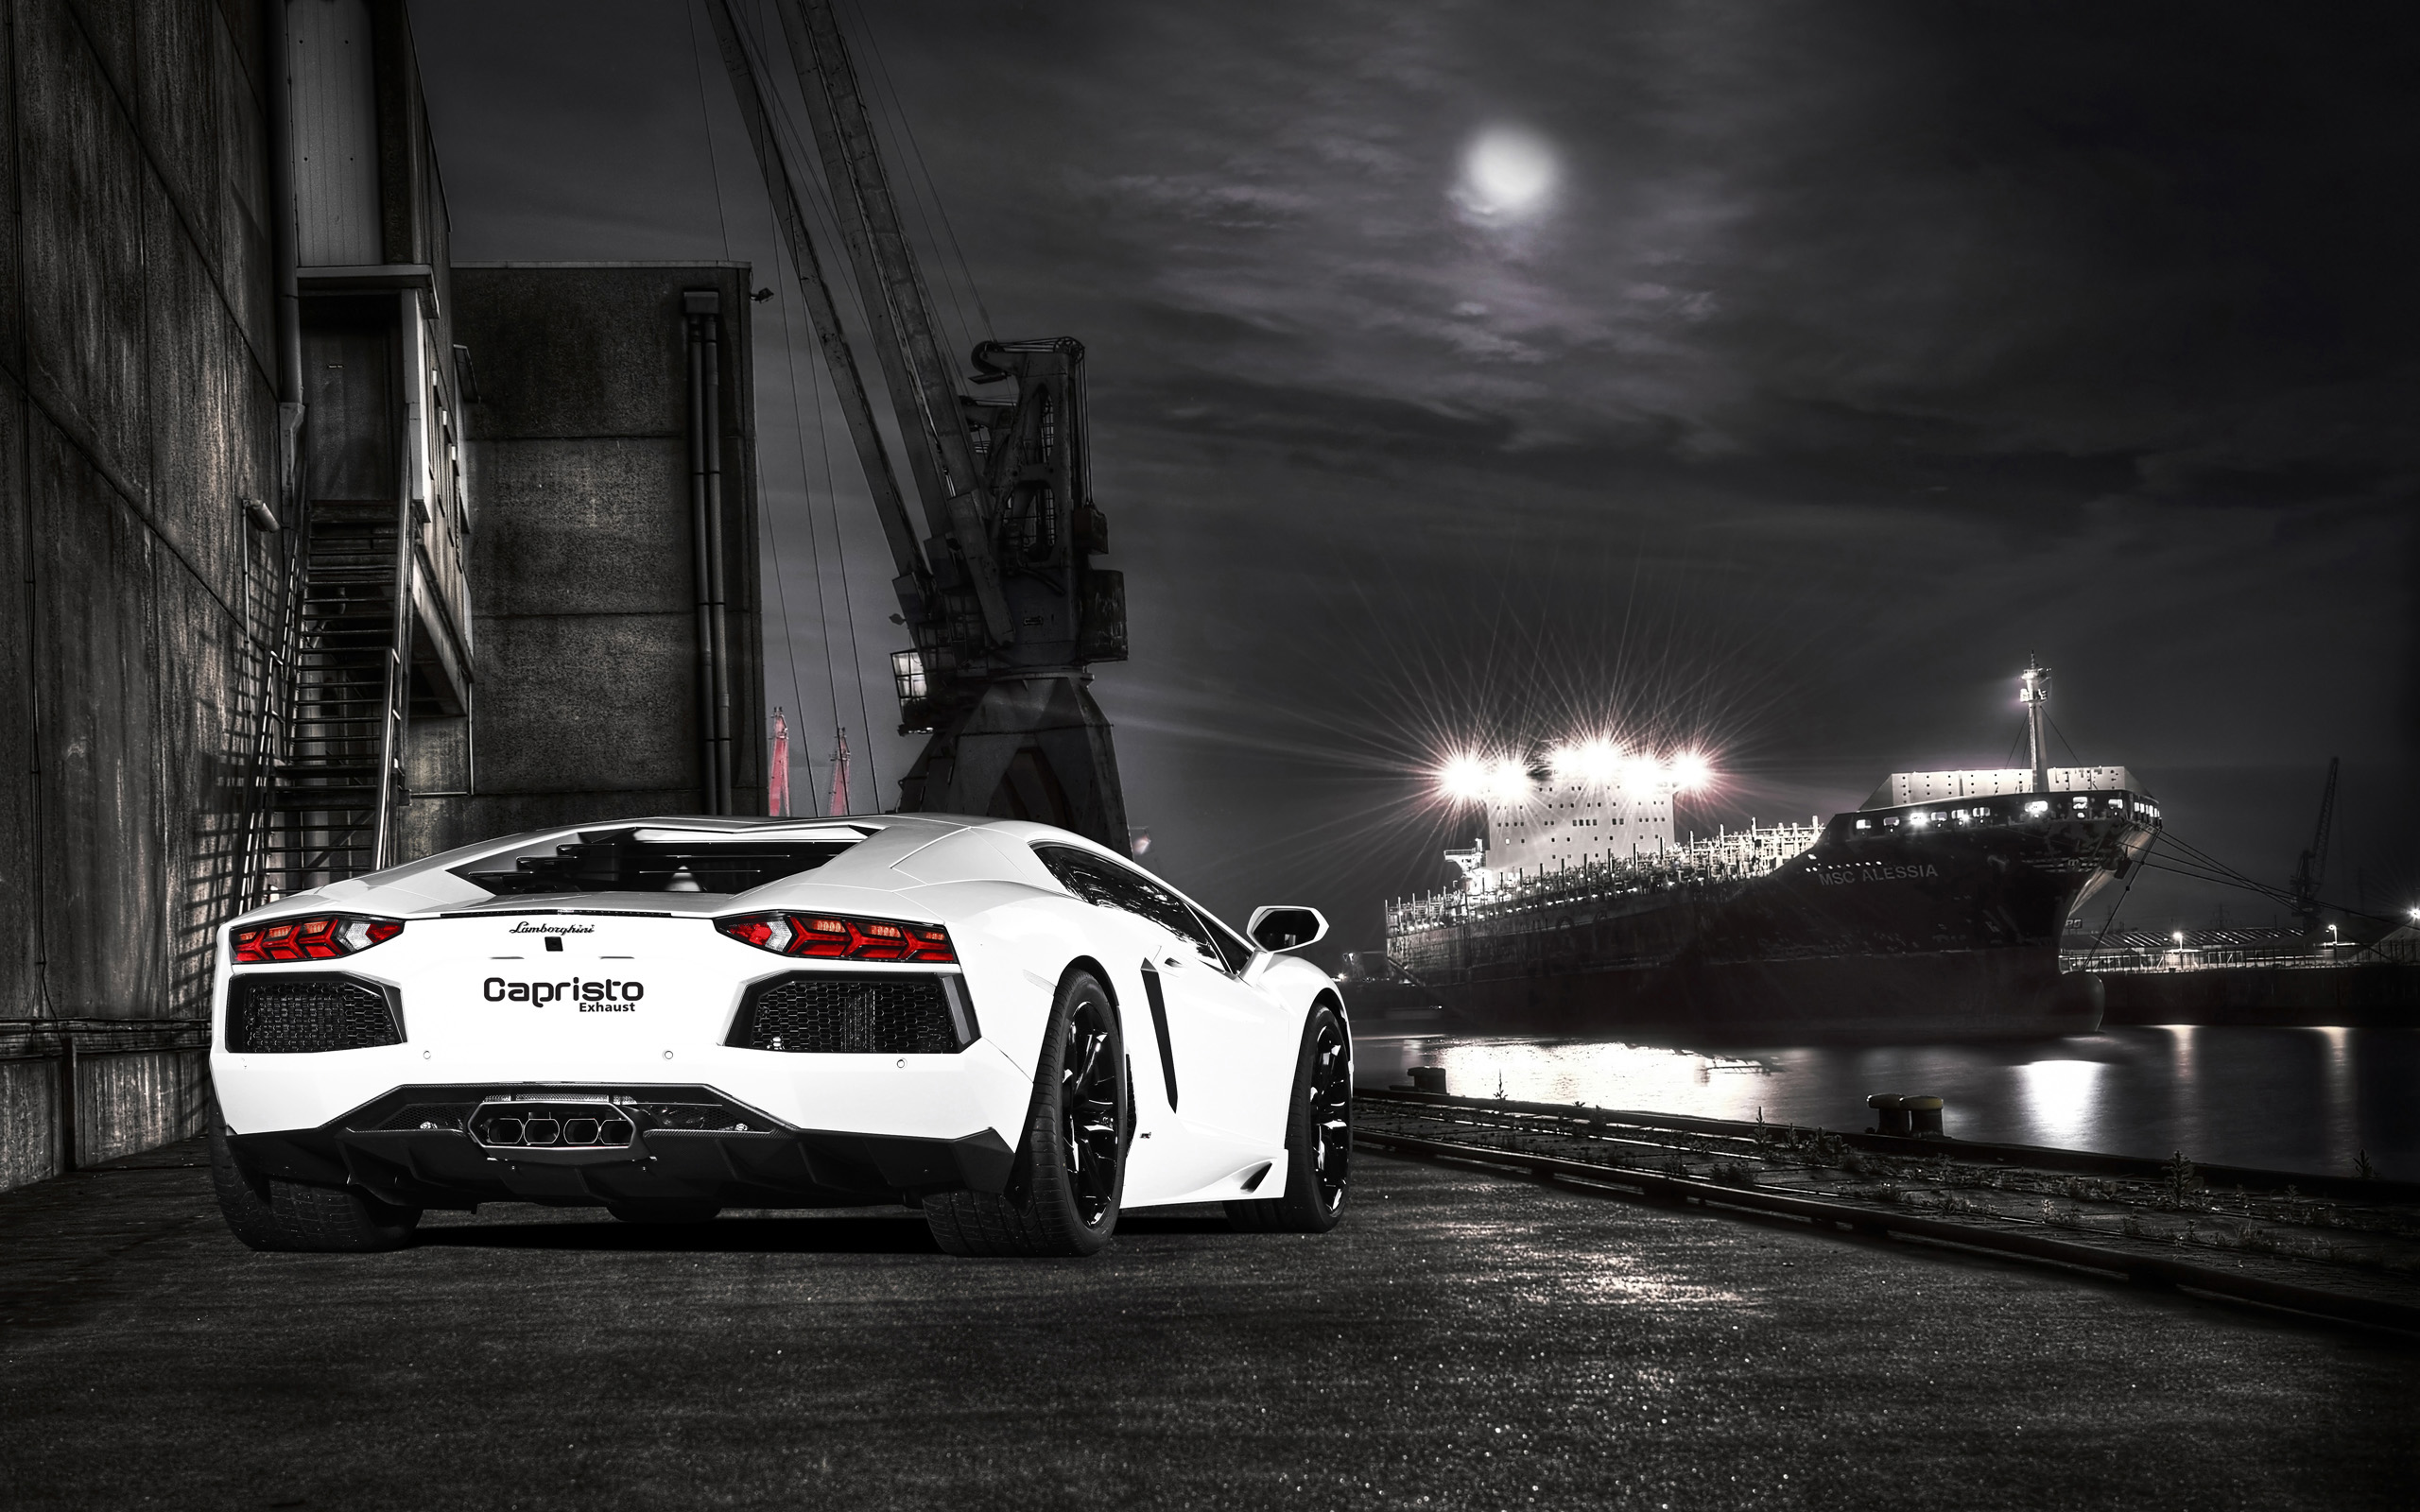 2012 Lamborghini Aventador By Capristo 2 Wallpaper | HD ...